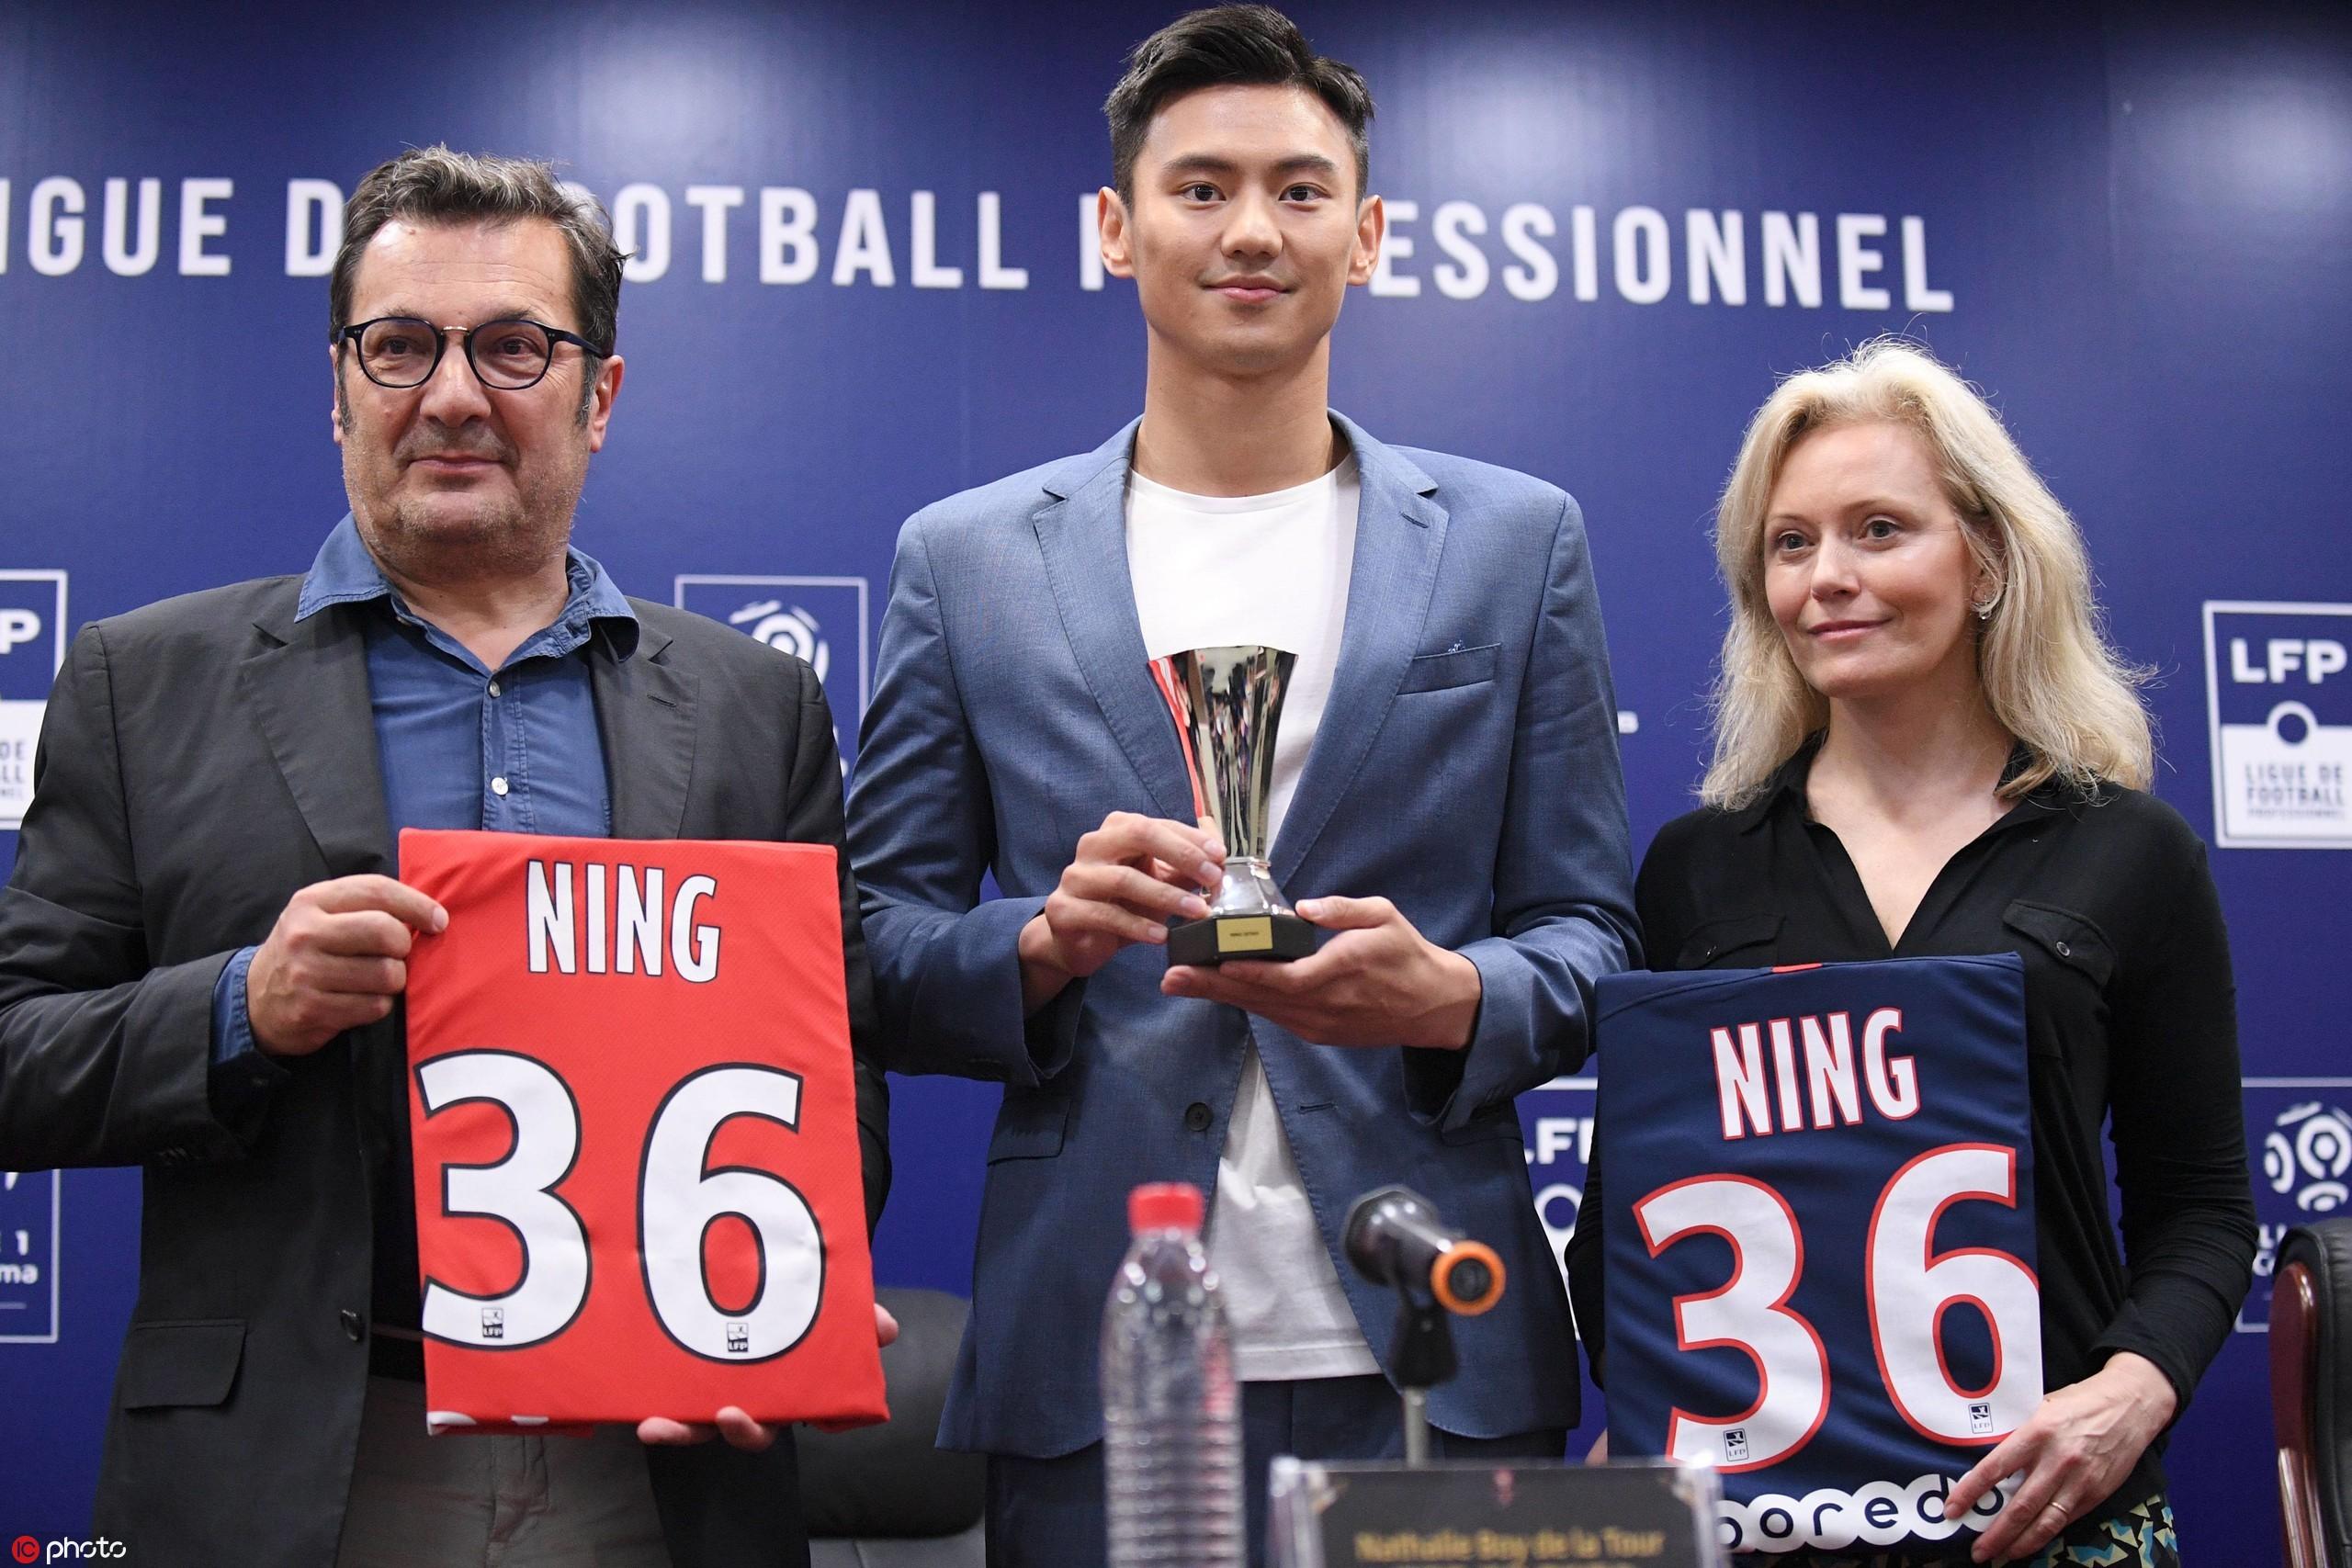 多图:宁泽涛出席法甲中国推广大使发布会,获赠36号球衣